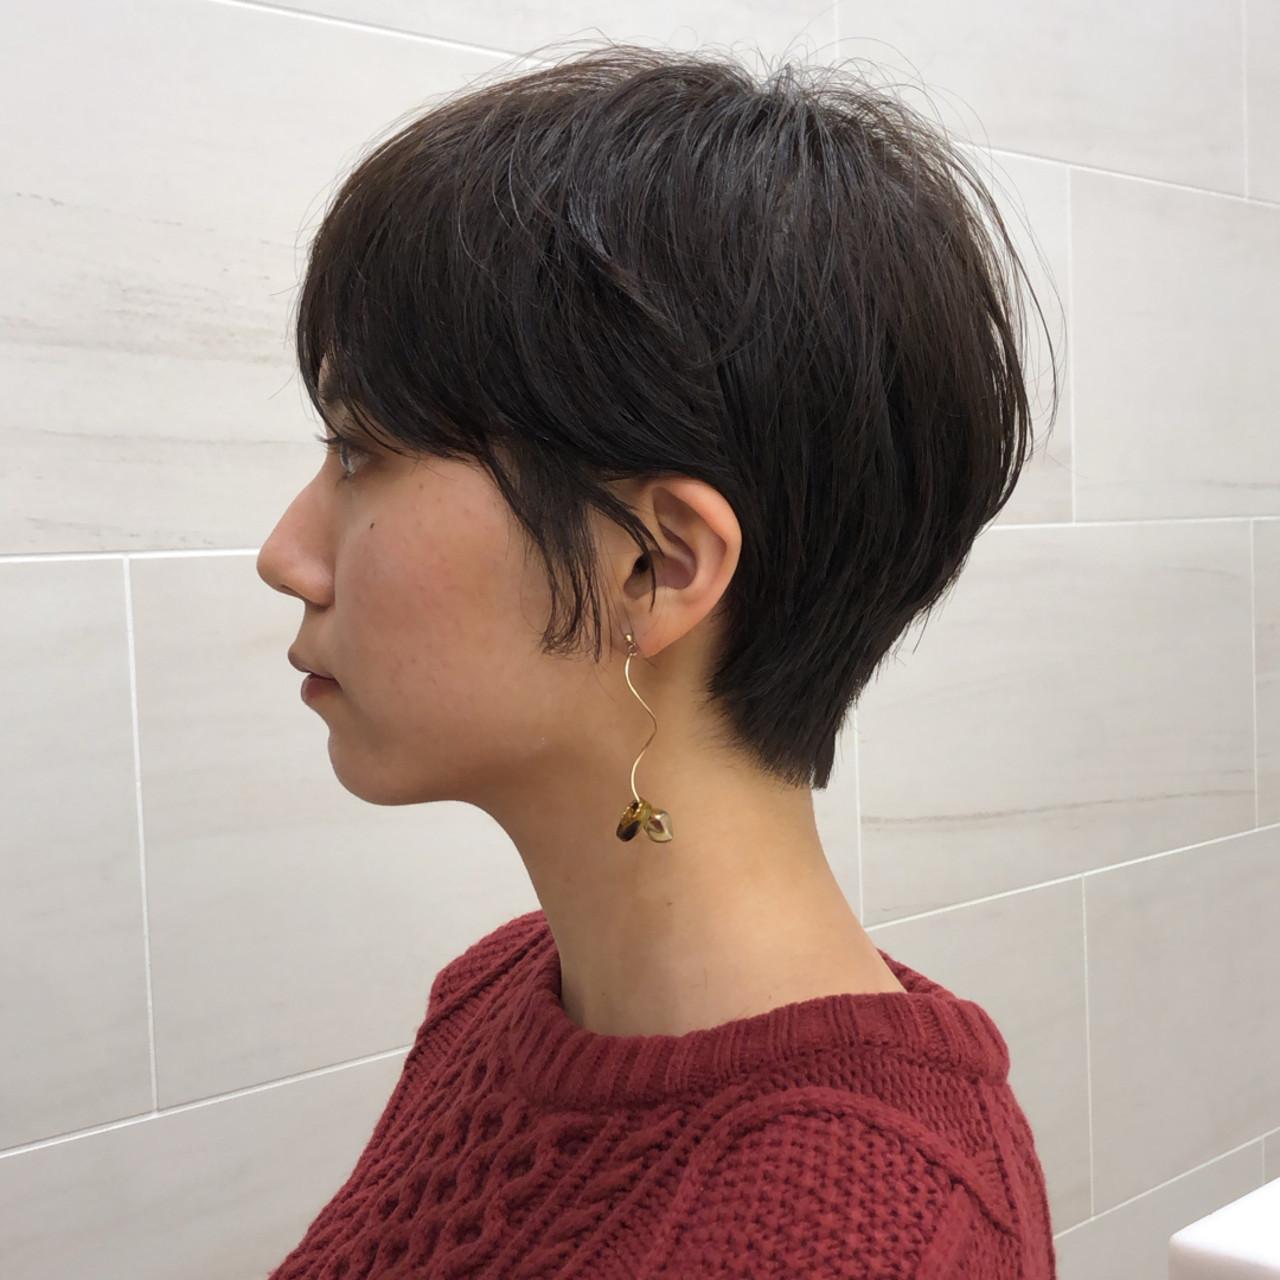 ショート 黒髪 アンニュイほつれヘア ハンサムショート ヘアスタイルや髪型の写真・画像